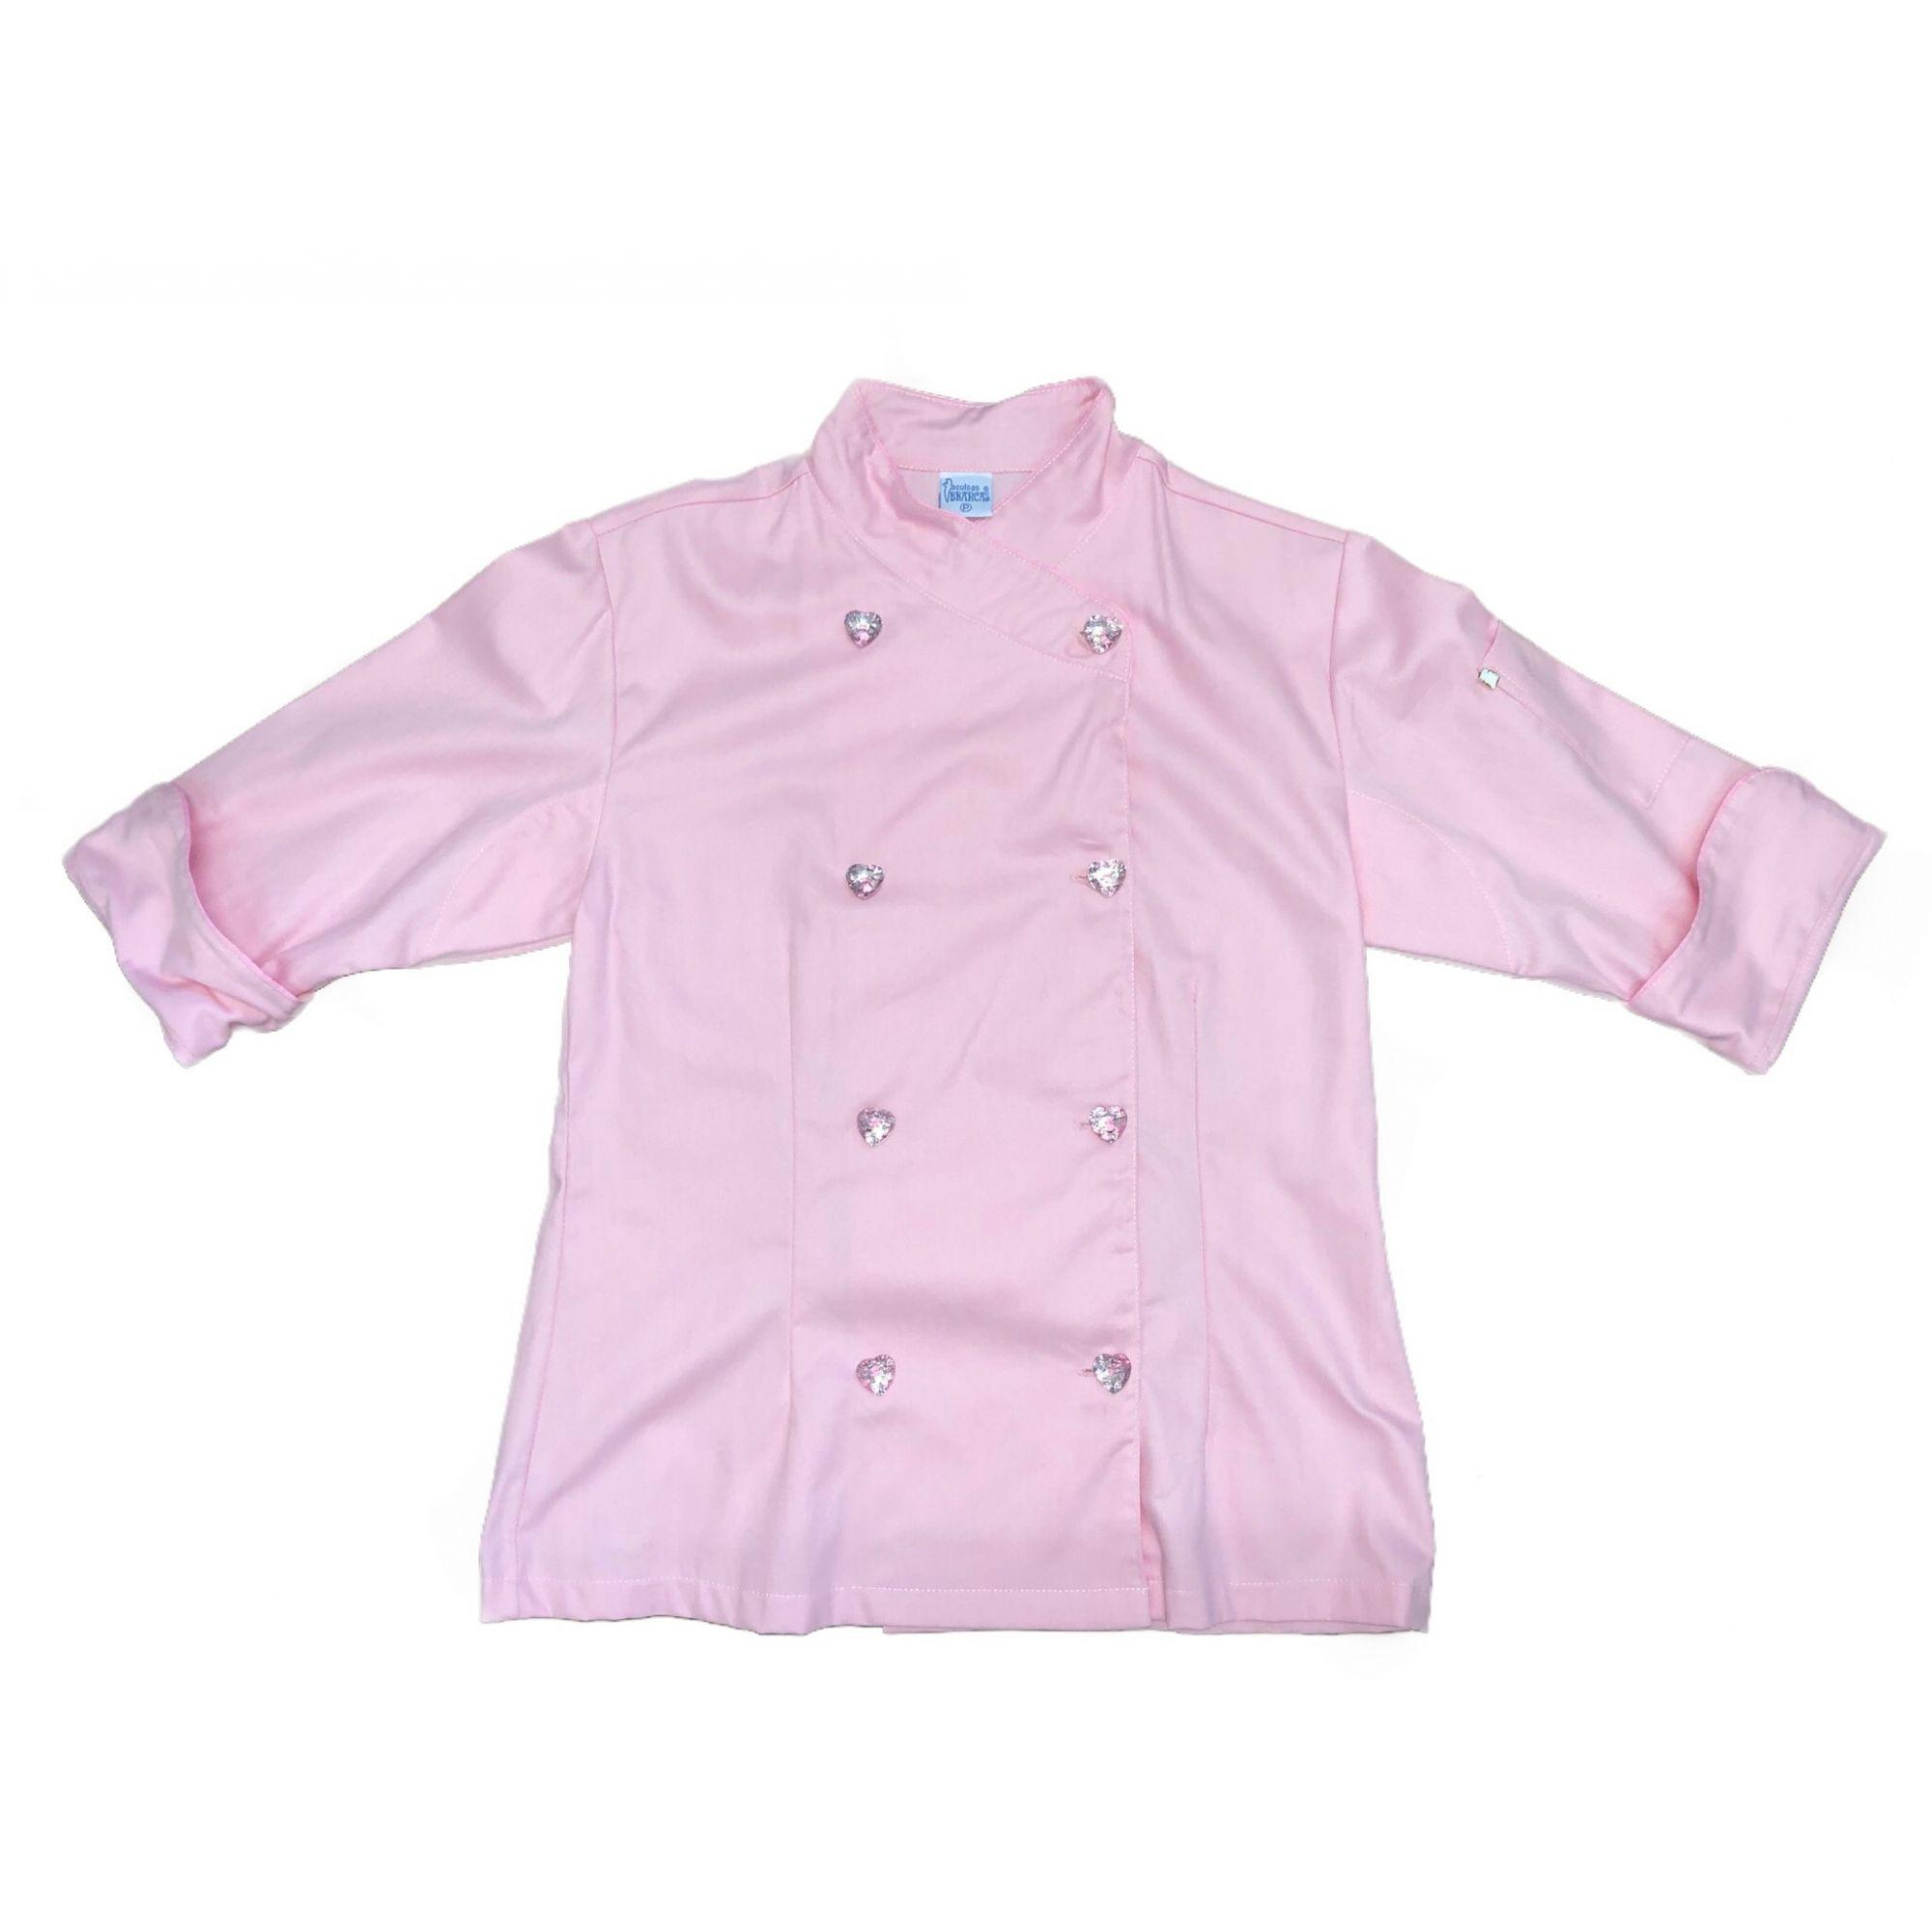 Dólmã Cecília Feminino Acinturado ROSA CLARO  com VIVO ROSA Sarja Leve 100% algodão  com  botões PINK HEART